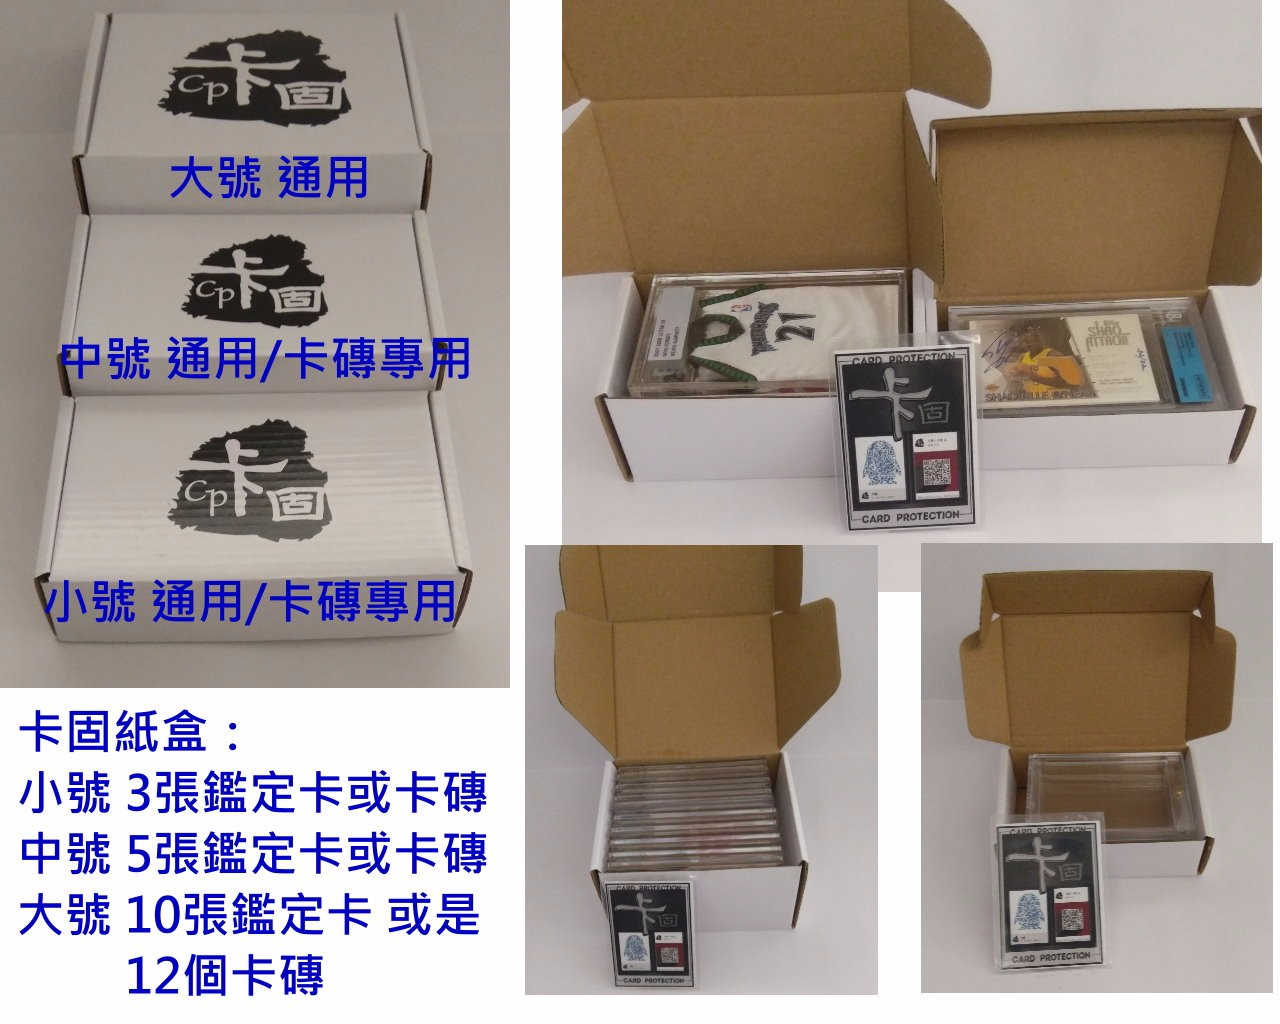 【卡固】CPPBMC 中号卡砖专用盒 可装5-6个卡砖